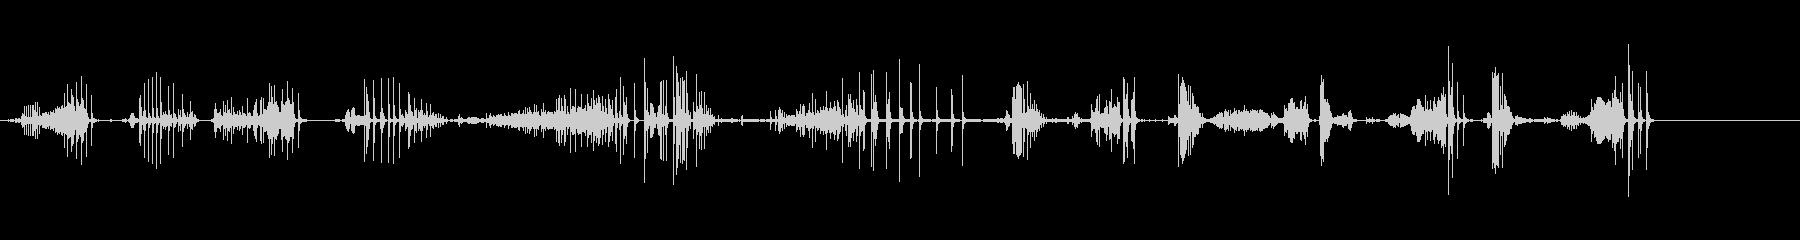 セクレタリーデスクの低いヒンジのき...の未再生の波形